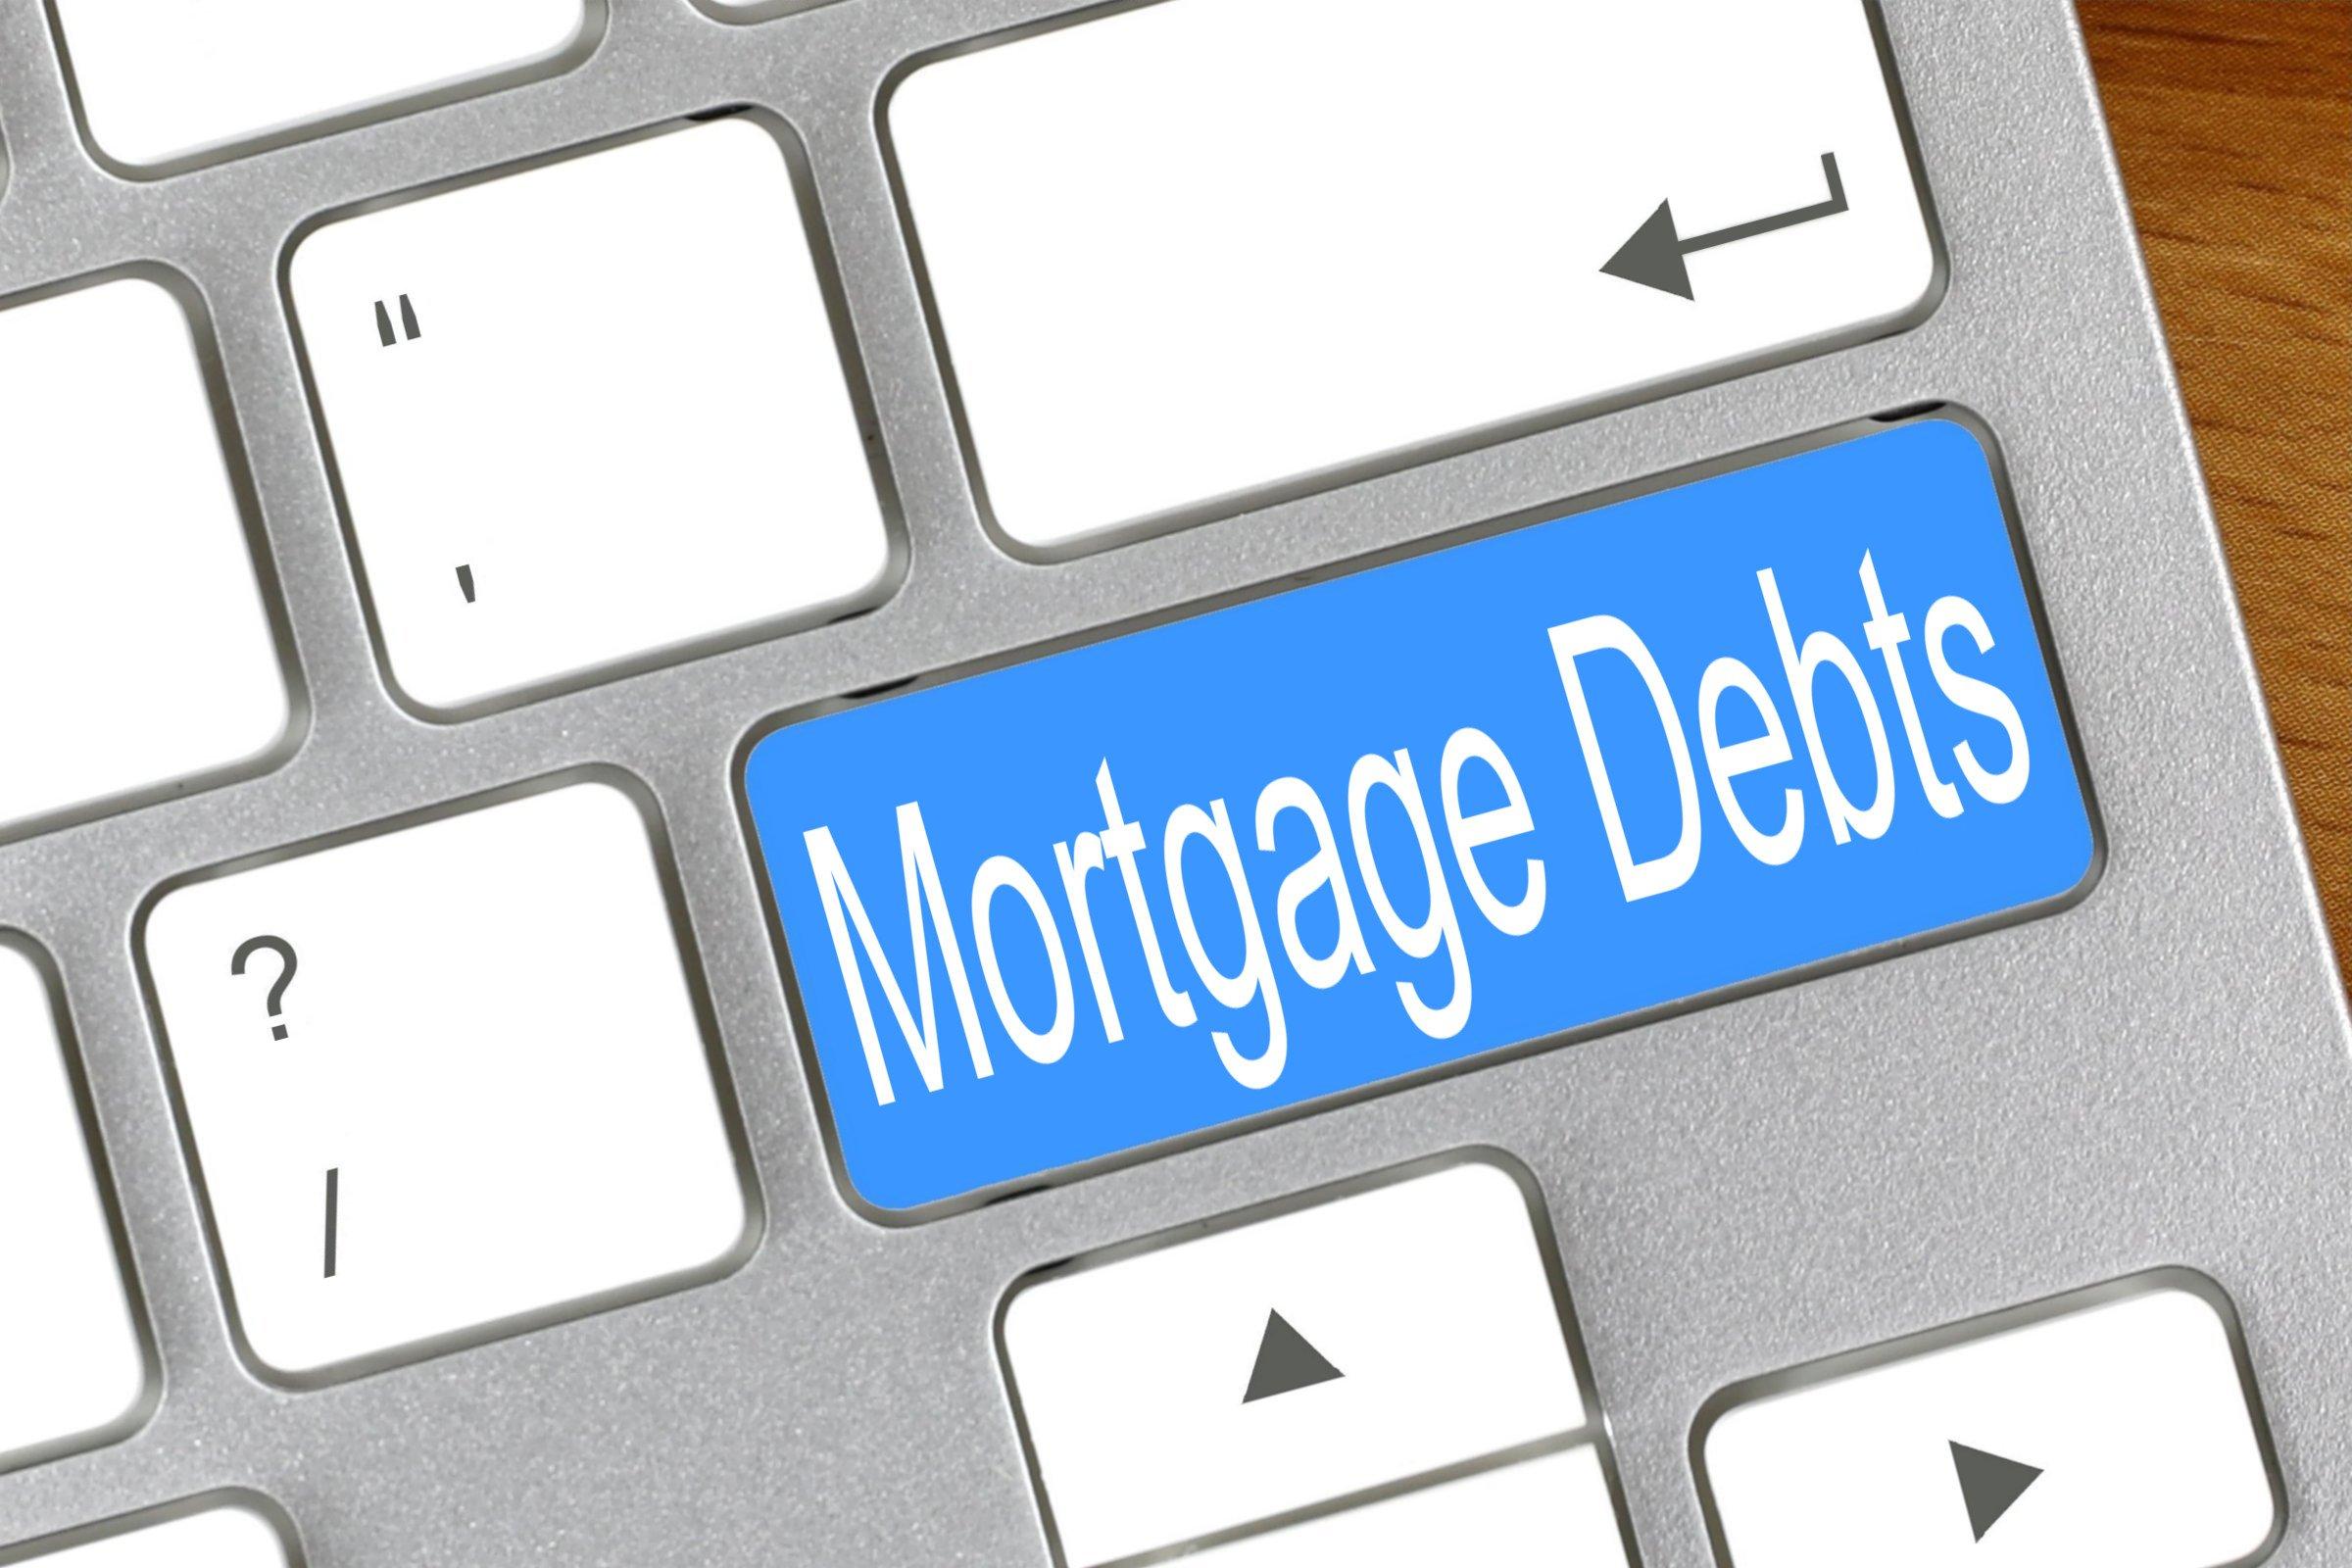 Mortgage Debts